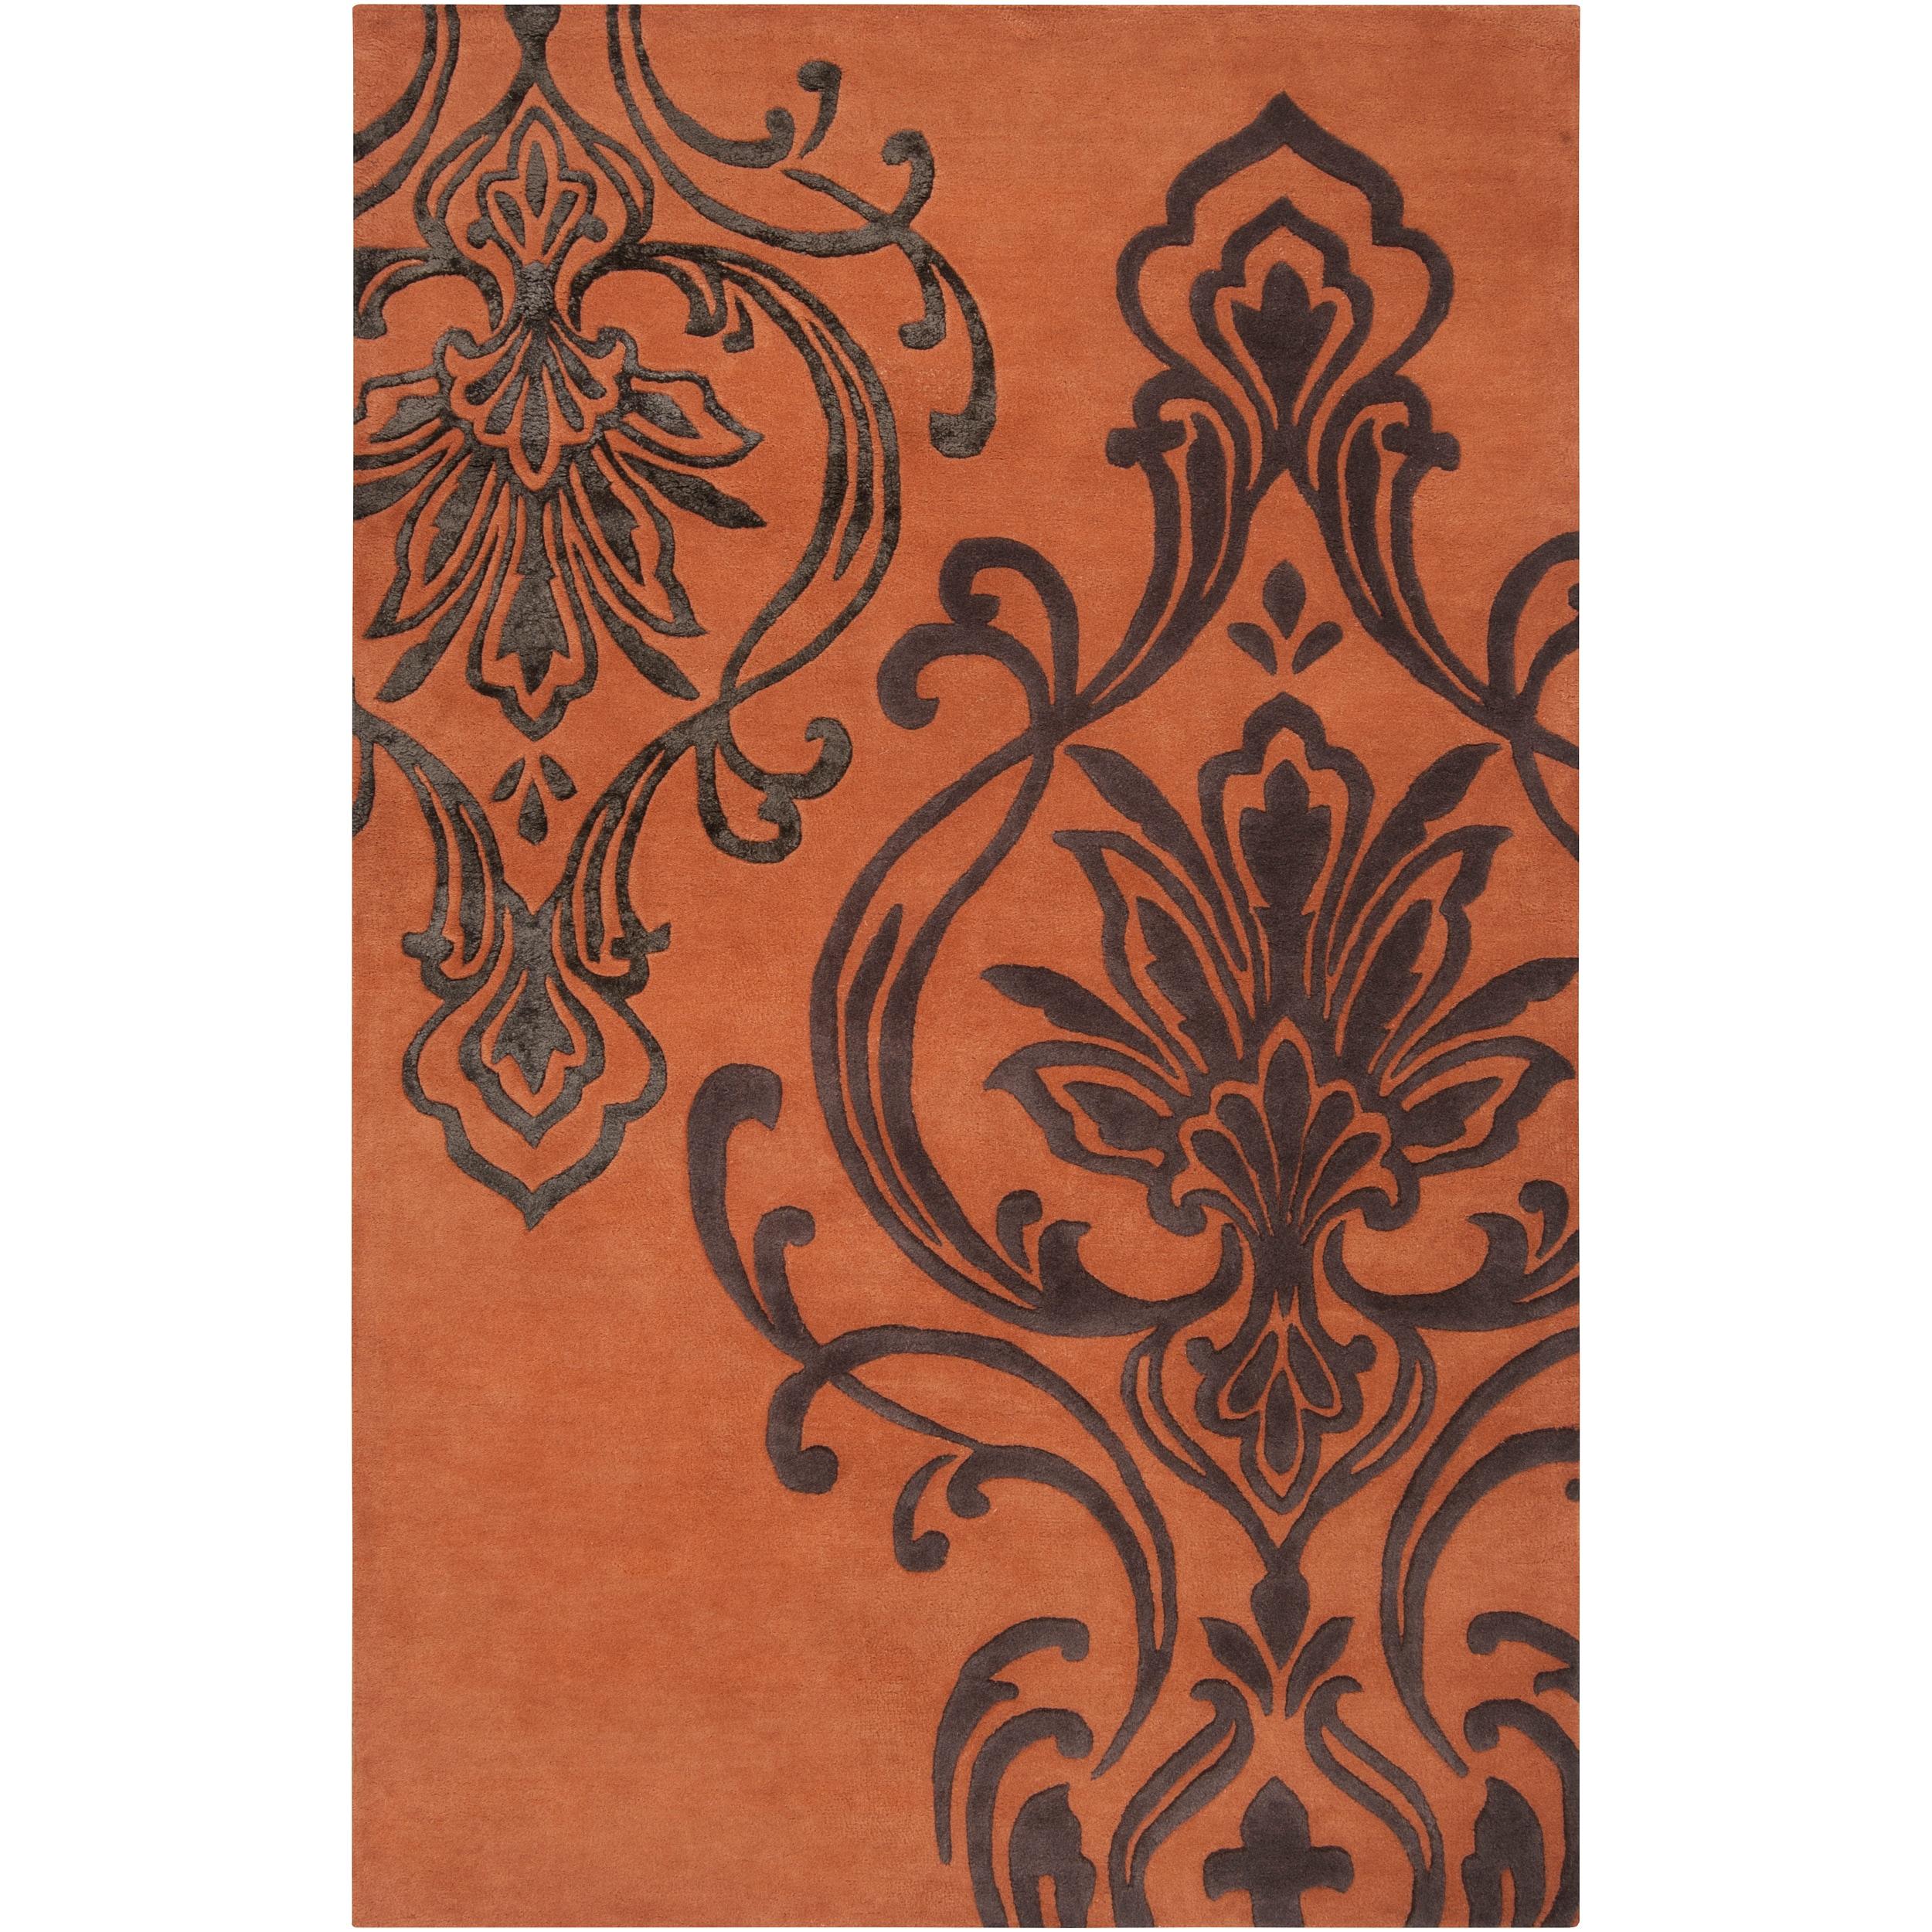 Candice Olson Hand-tufted Orange Orpheus Damask Design Wool Rug (3'3 x 5'3)